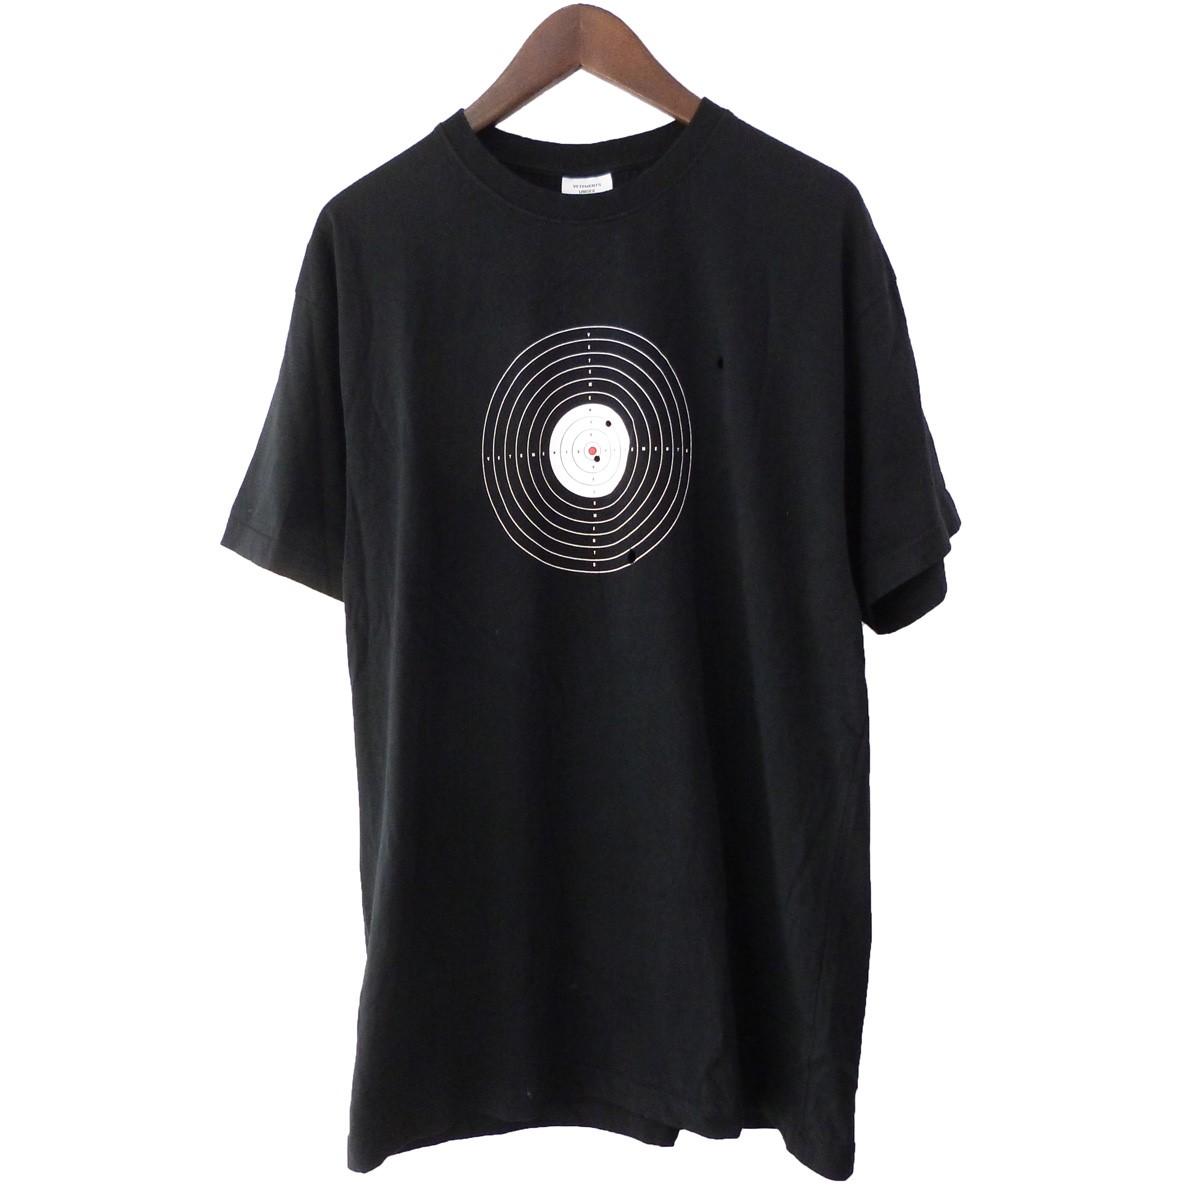 【中古】VETEMENTS 19SS 「TARGET TEE」 ダメージ加工ターゲットTシャツ ブラック サイズ:XS 【020220】(ヴェトモン)